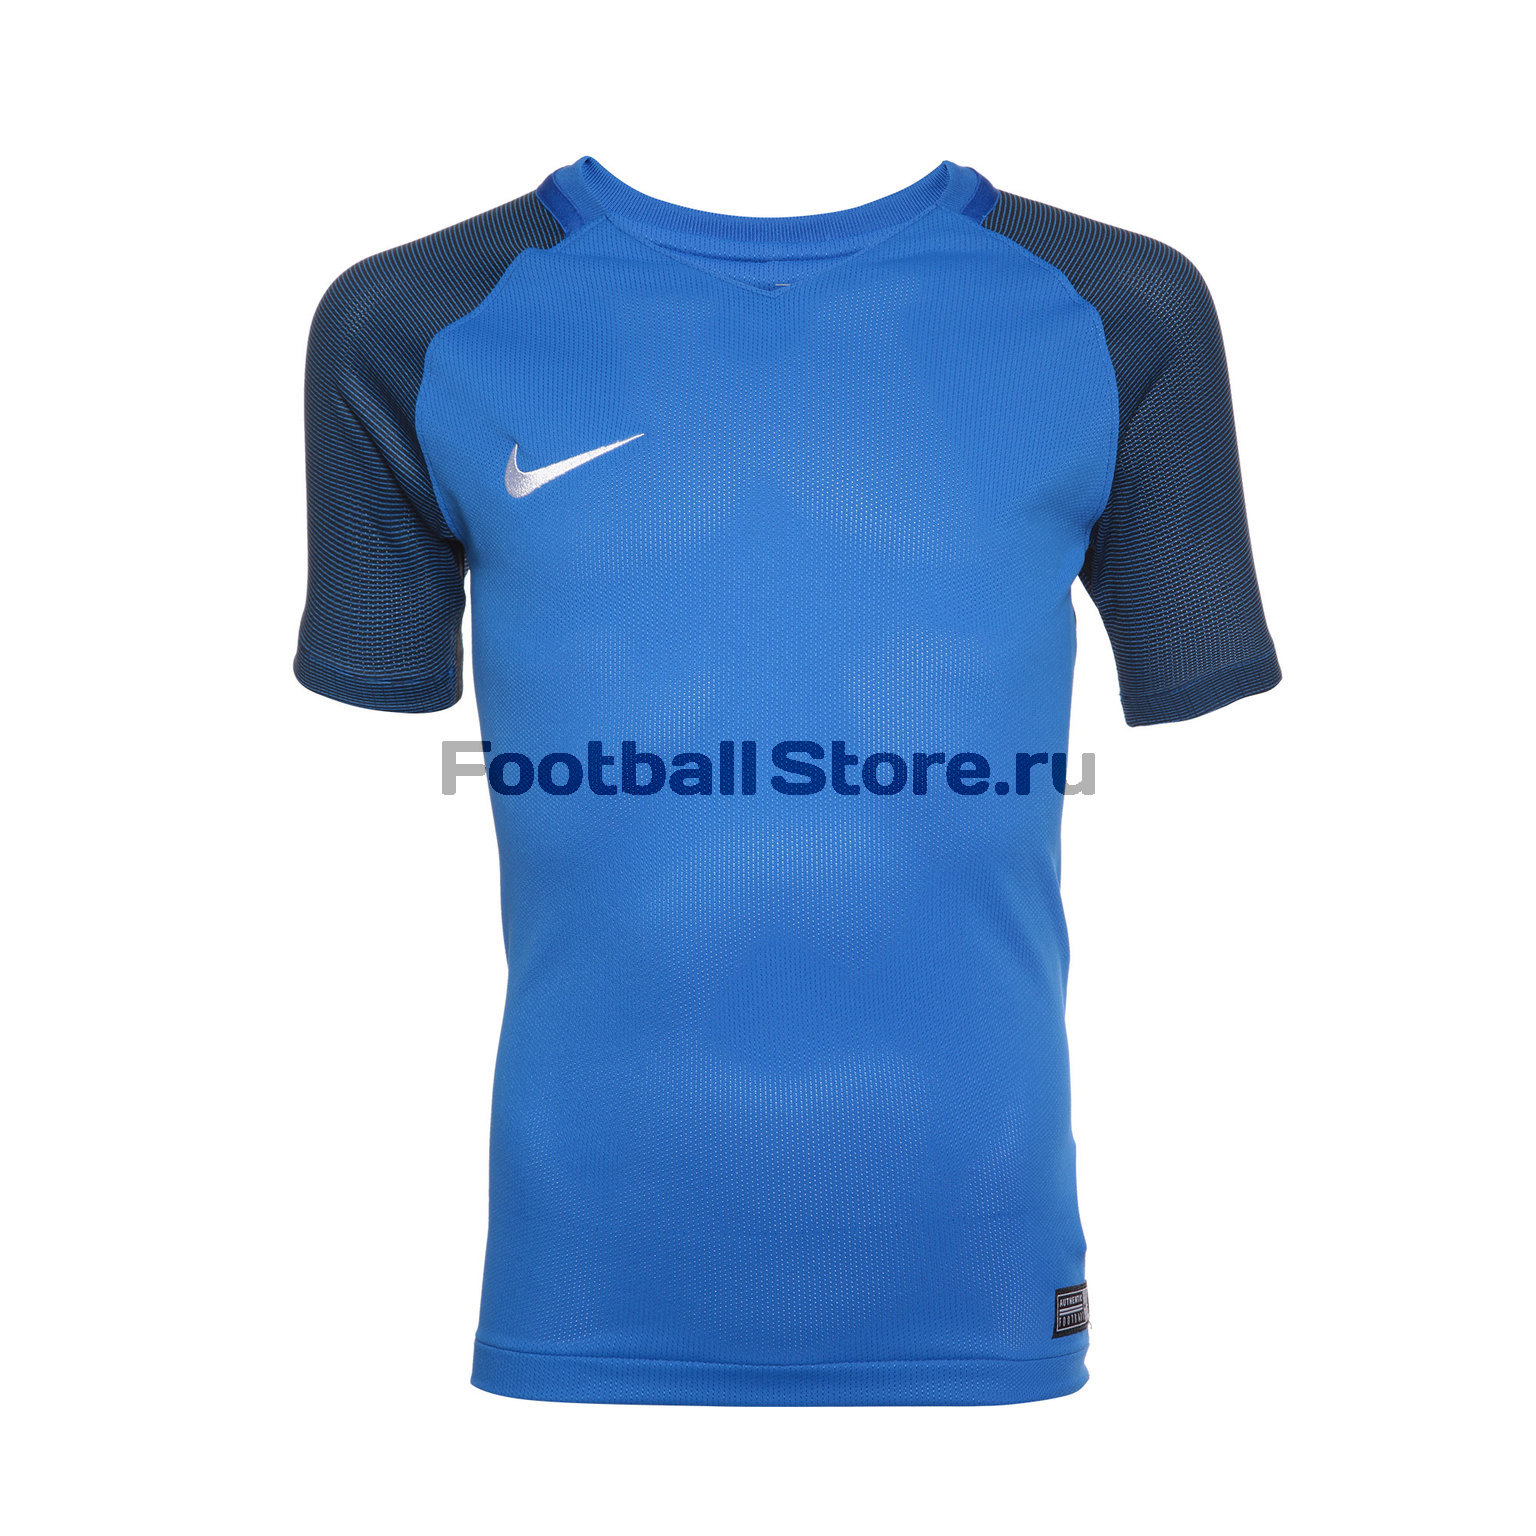 Футболка игровая детская Nike SS YTH Revolution IV JSY 833018-455 футболка игровая nike dry tiempo prem jsy ss 894230 411